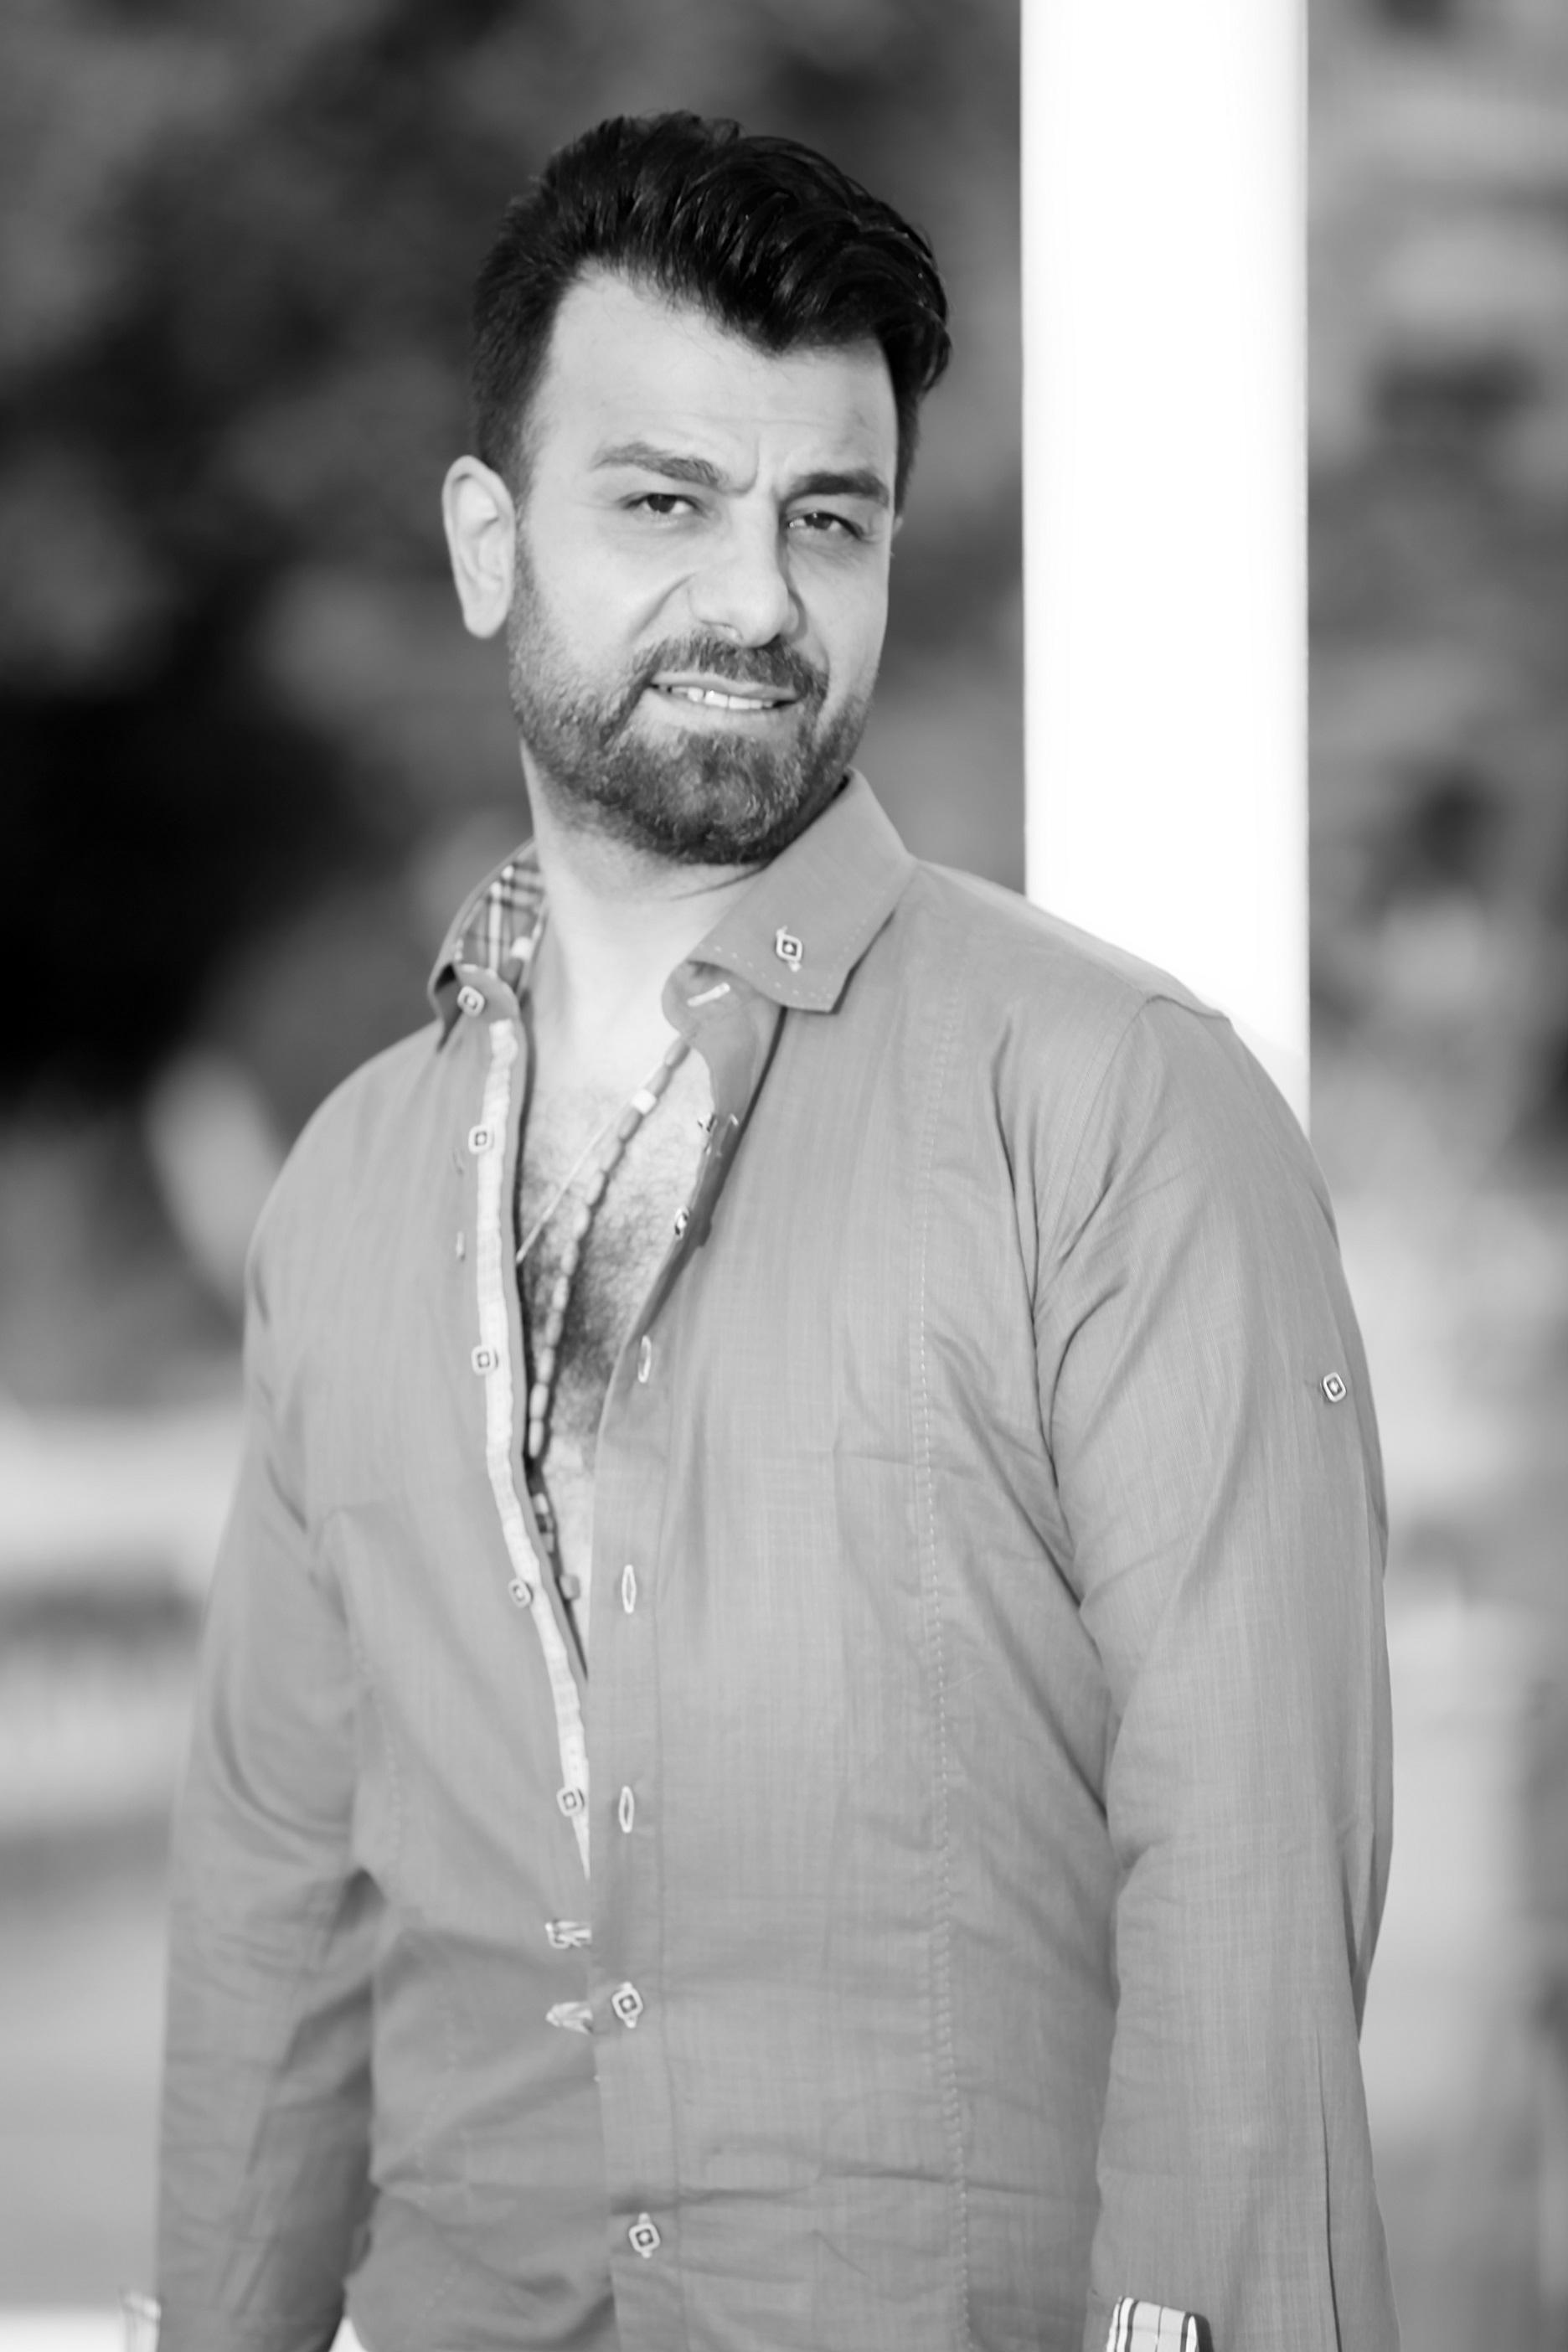 صورة الفنان سمارة السمارة يطلق نصي التاني ومشاريع بين دبي وامريكا